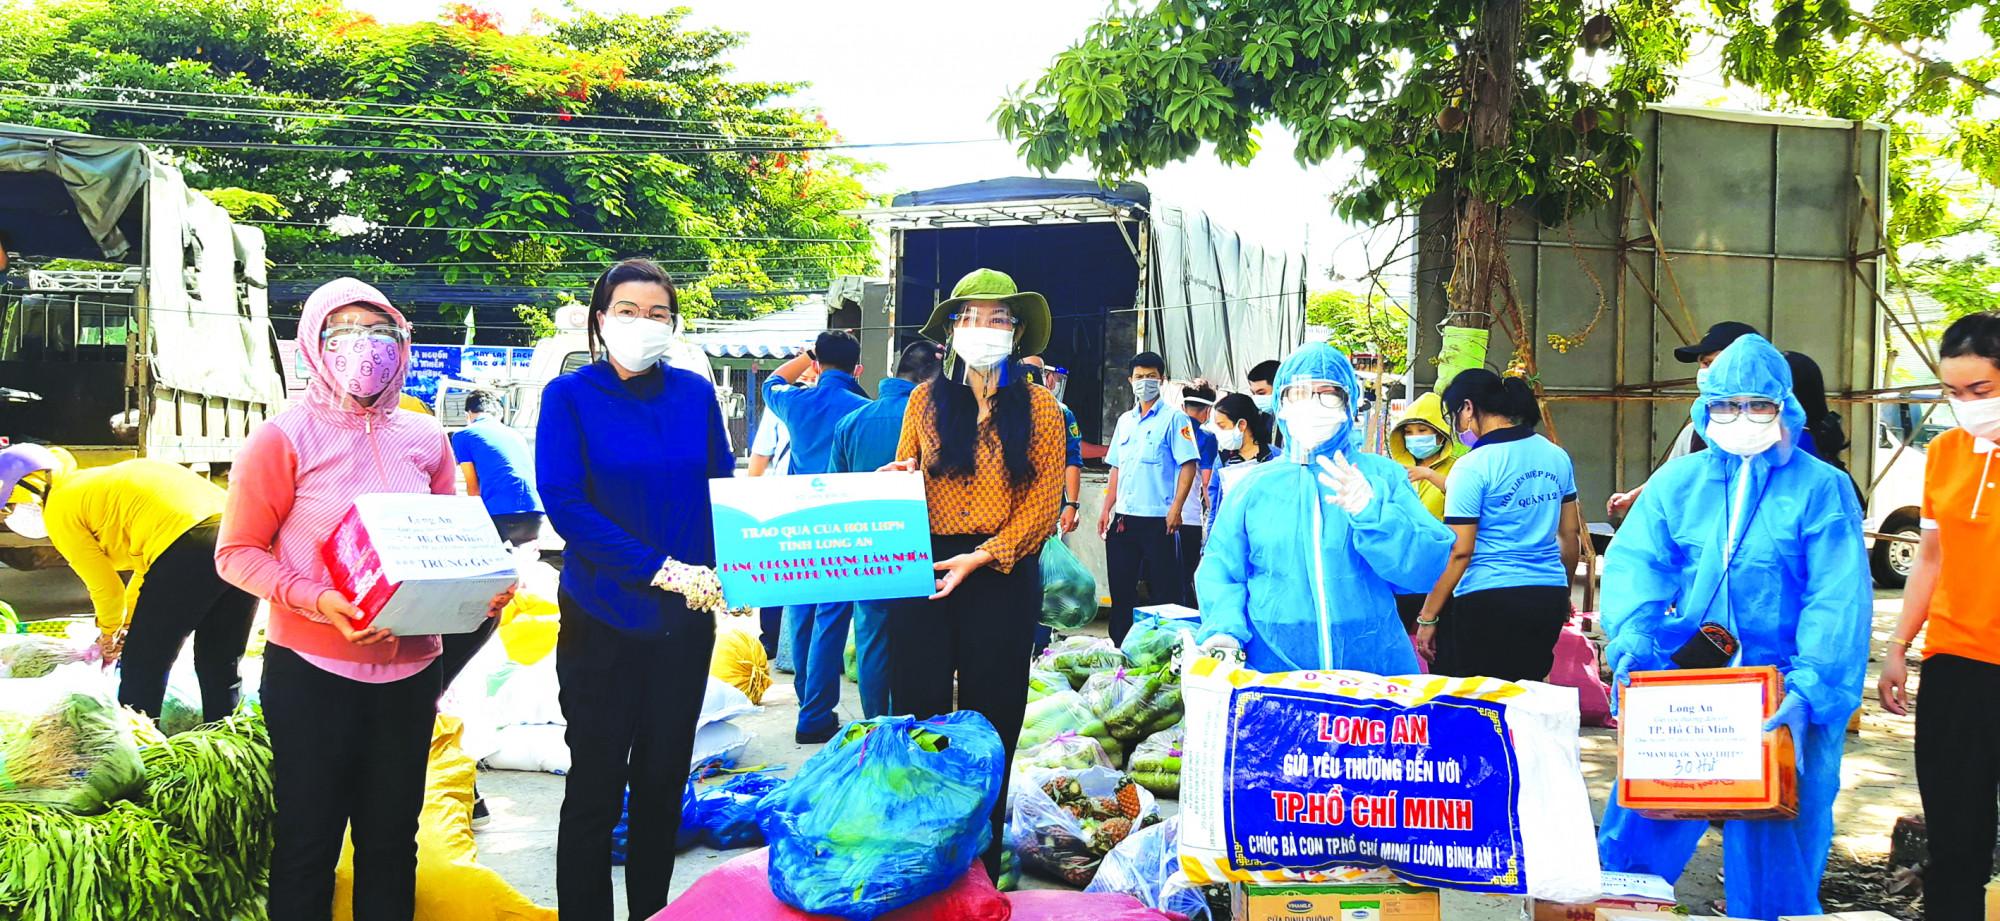 Rau củ và các loại thực phẩm do bà Nguyễn Thụy Thắm (thứ hai từ phải qua) và nhóm bạn ở tỉnh Long An trao tặng người dân TP.HCM